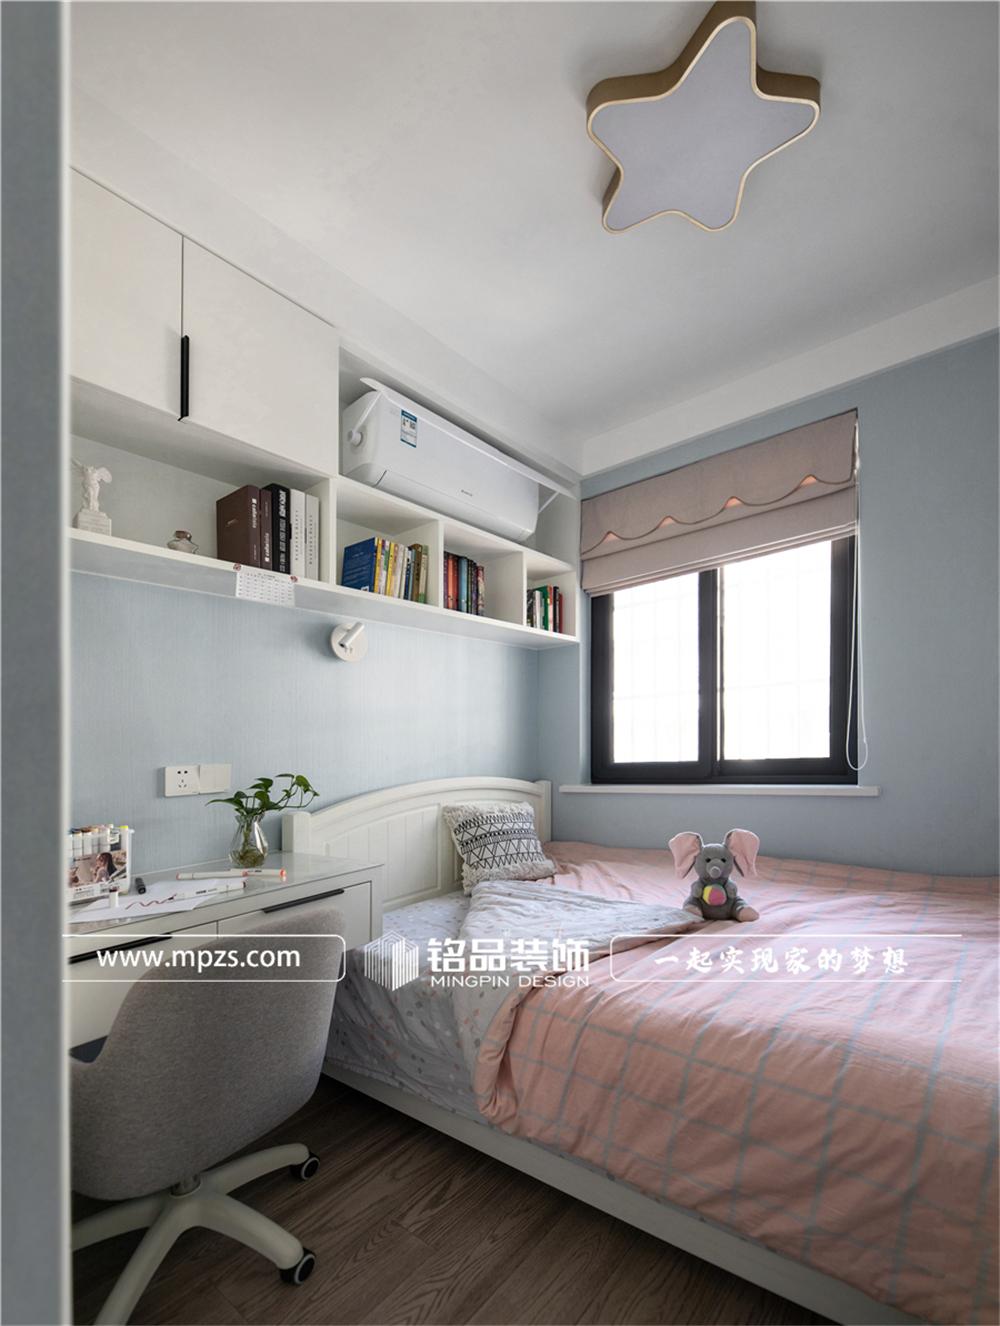 杭州下城区兴和公寓【老房改造装修】【北欧风格】90平方米 (9)